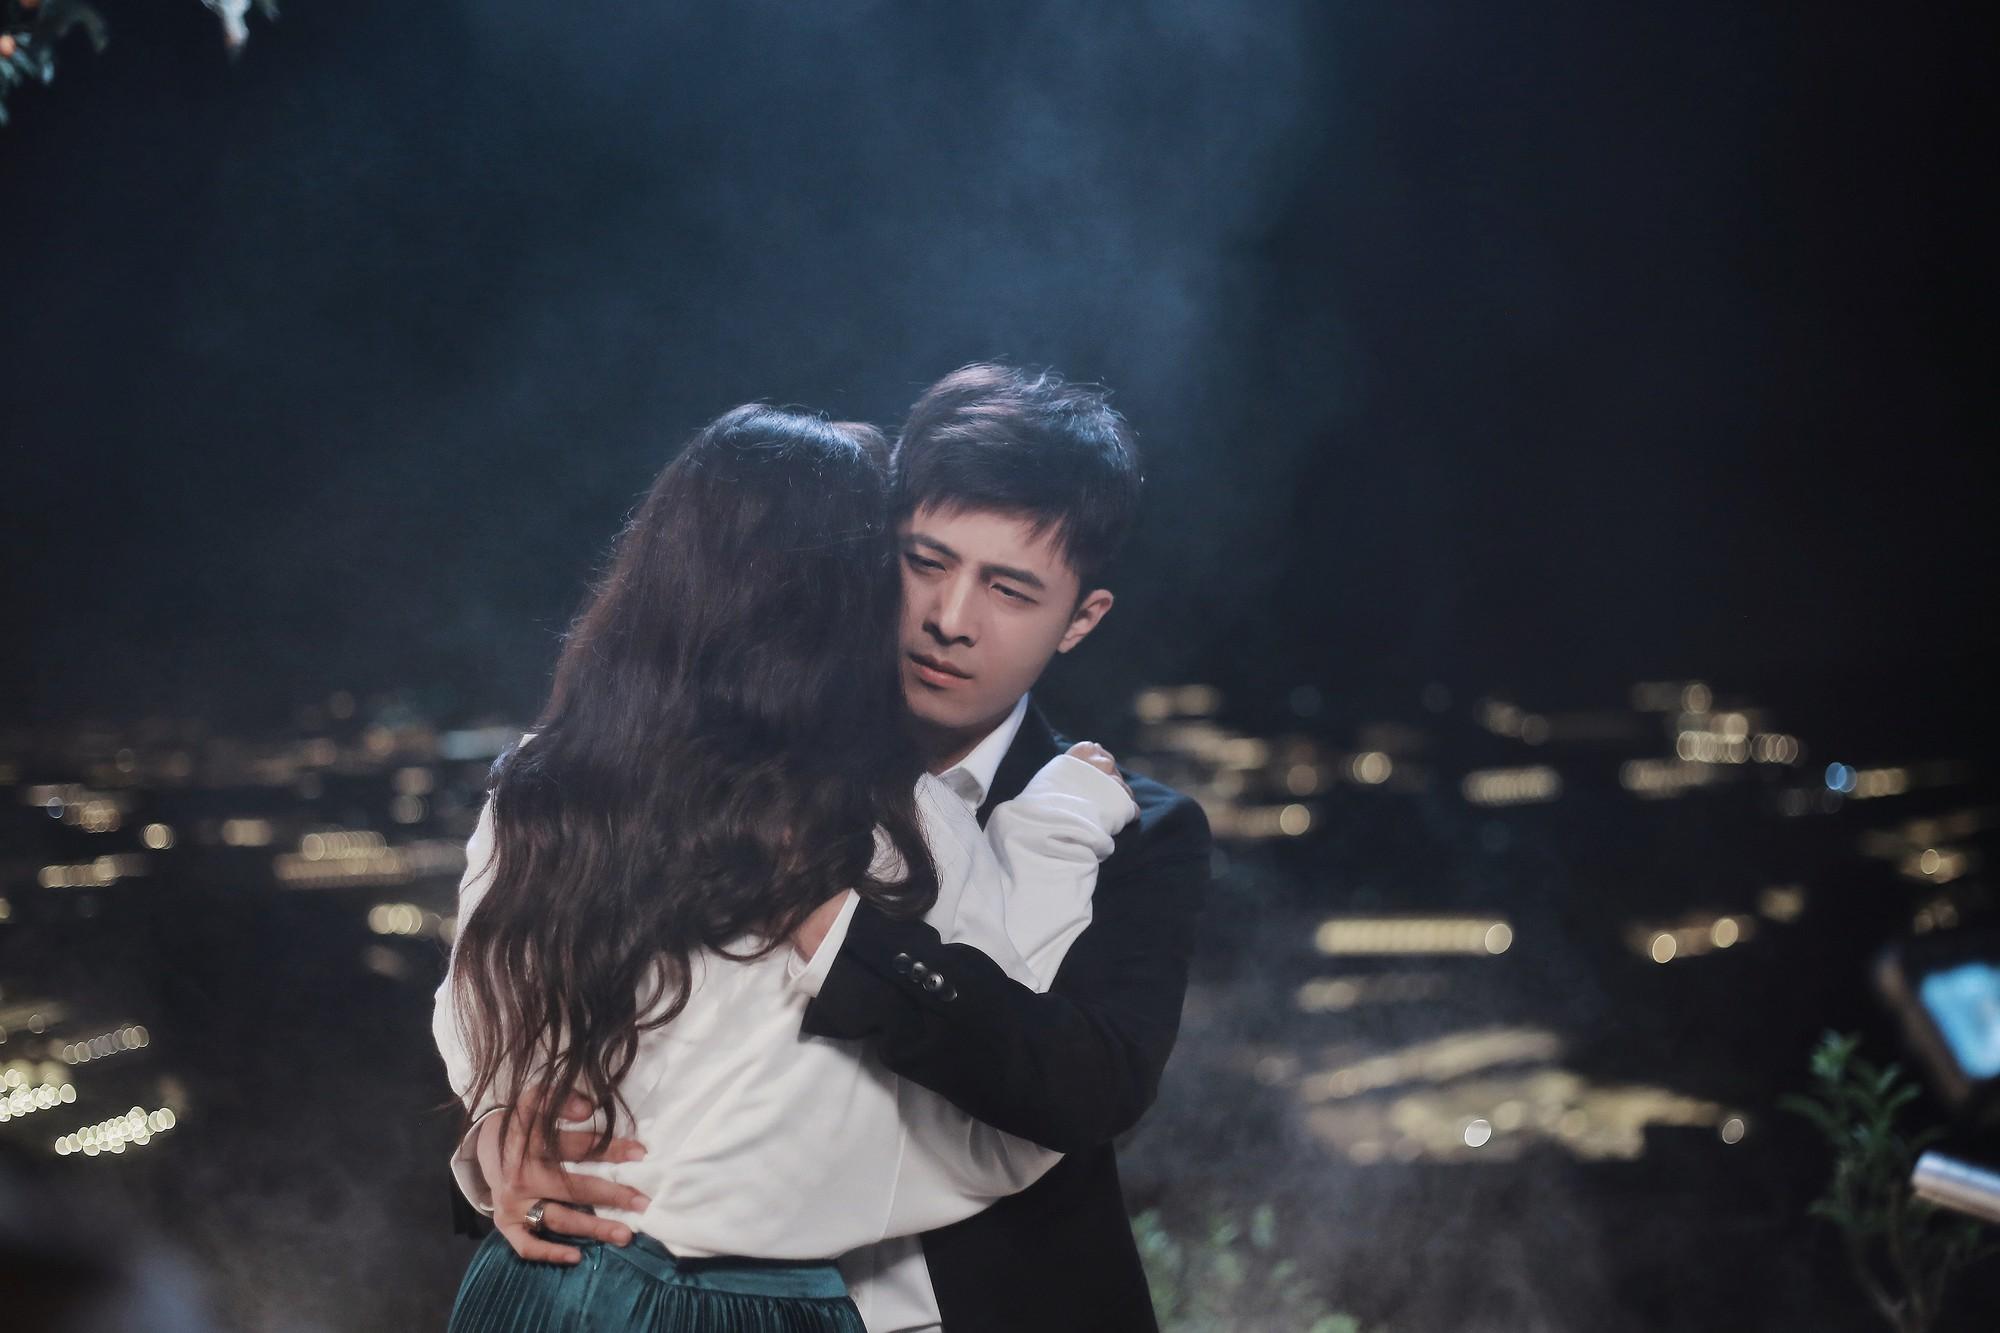 Gin Tuấn Kiệt hợp tác cùng hotgirl ảnh thẻ Lan Hương tung MV đầy nước mắt về tuổi thanh xuân - Ảnh 6.